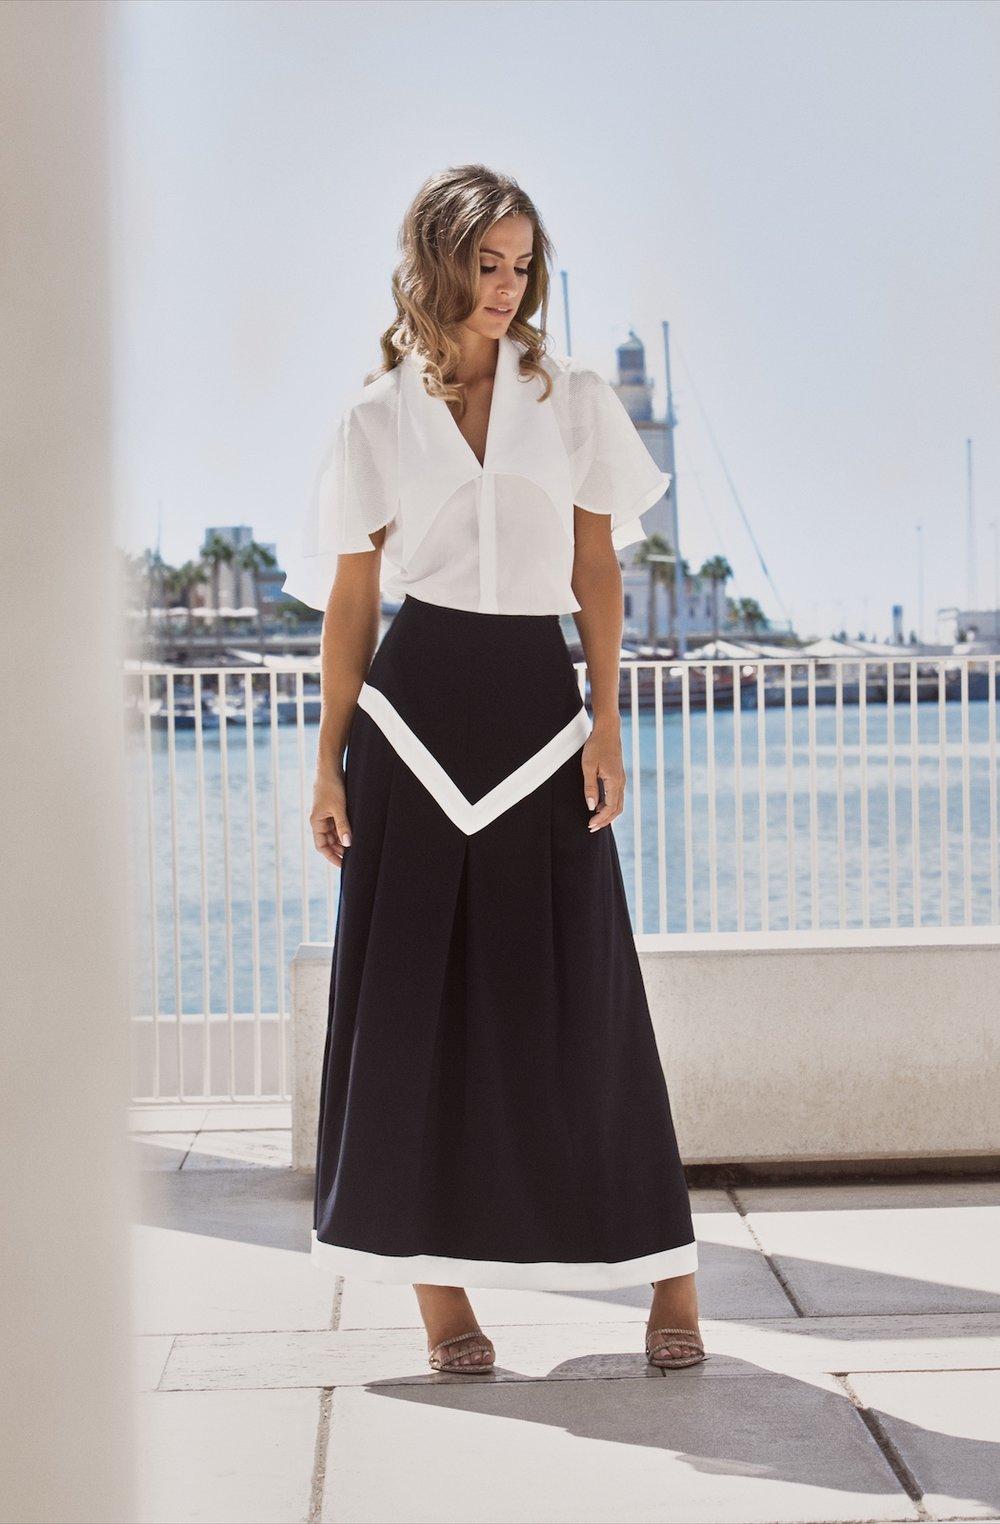 Riviera Top - Nautical Skirt